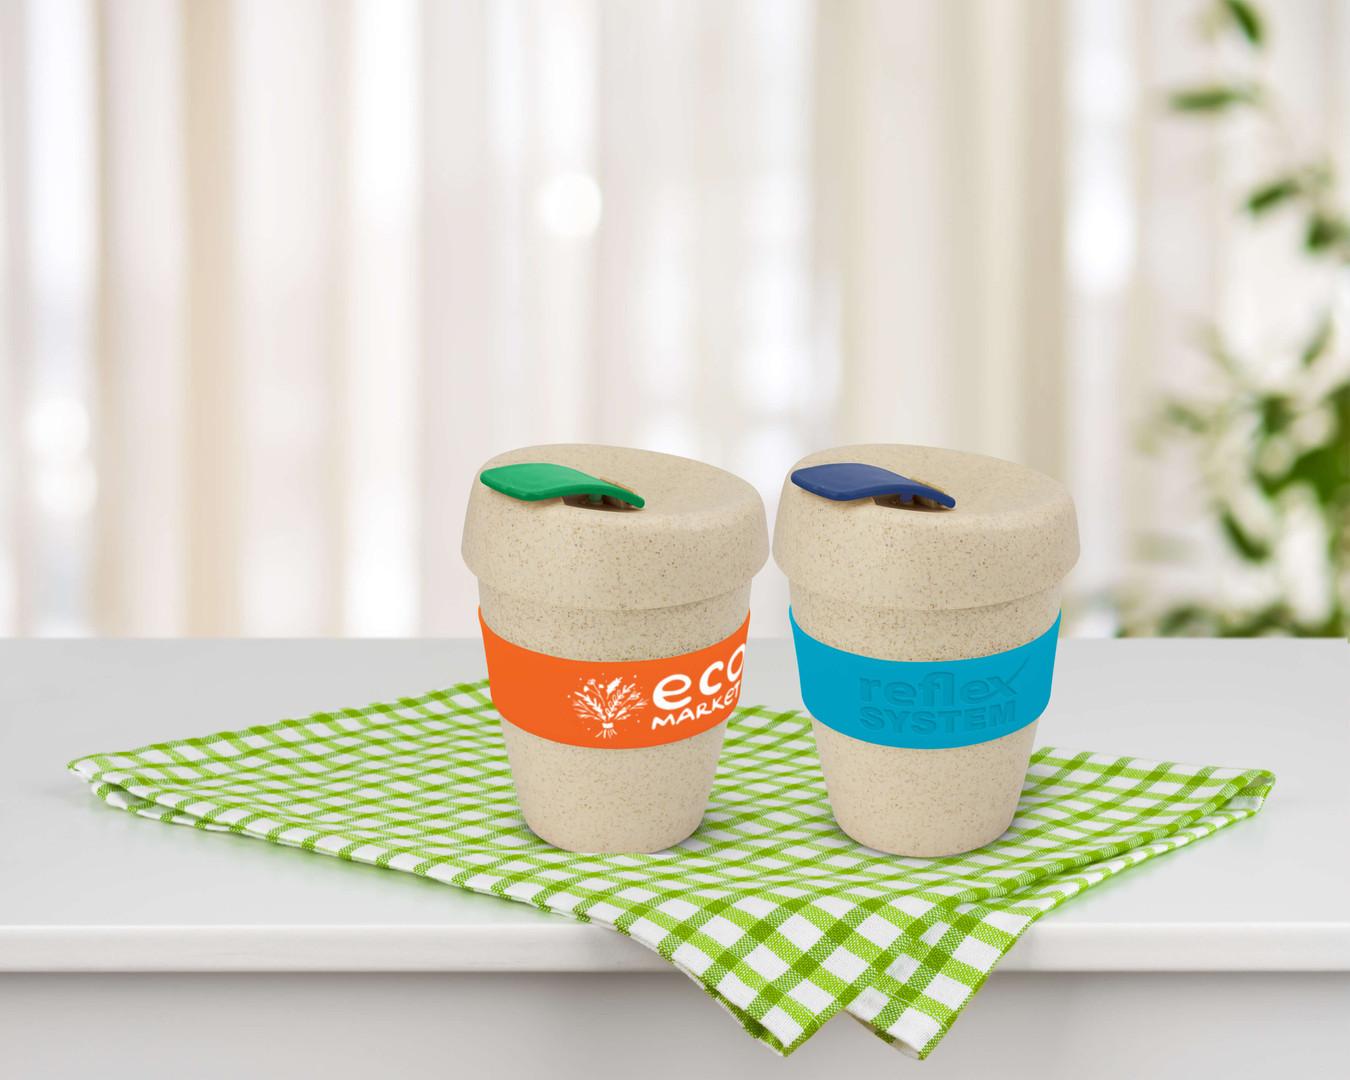 Express Cup Natura.jpg